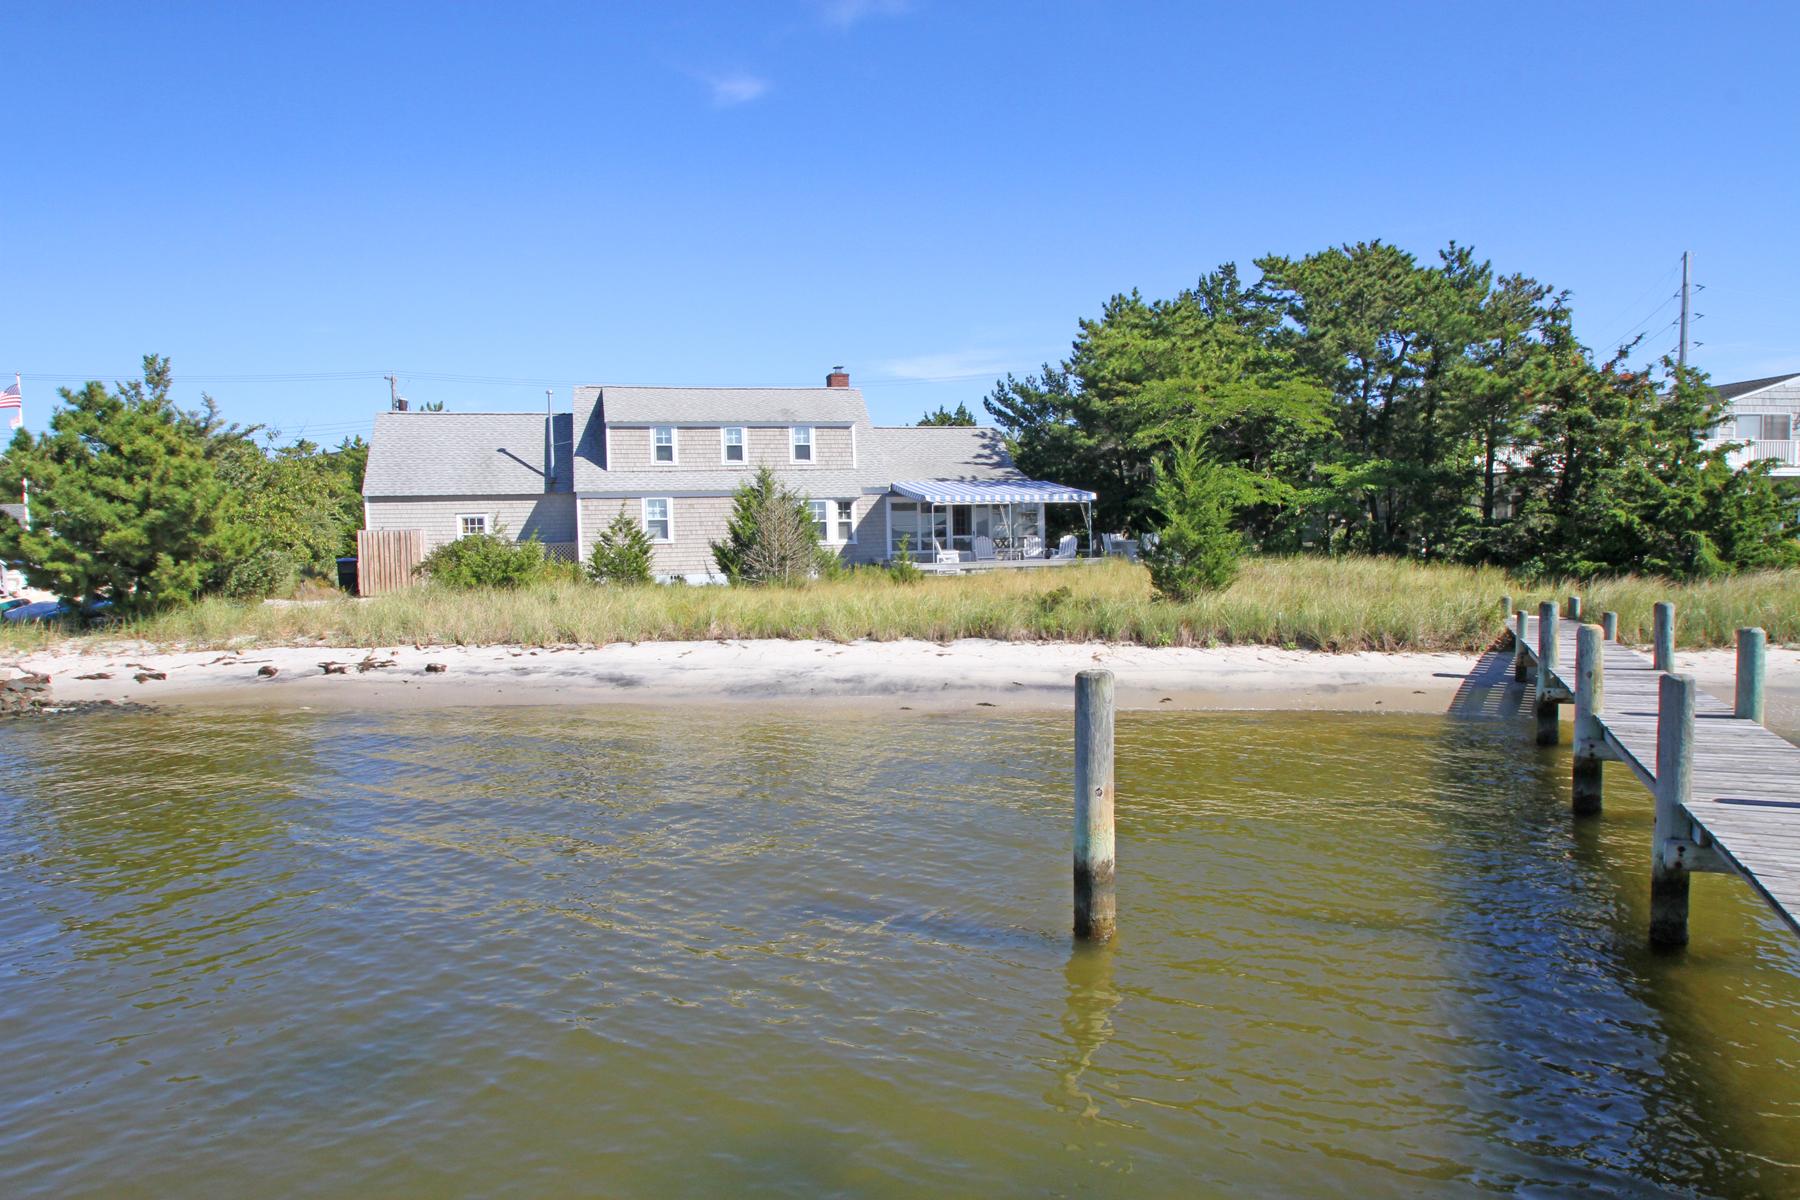 Частный односемейный дом для того Продажа на Unique Bayfront Property Provides Endless Possibilities 1540 Runyon Lane, Mantoloking, Нью-Джерси 08738 Соединенные Штаты